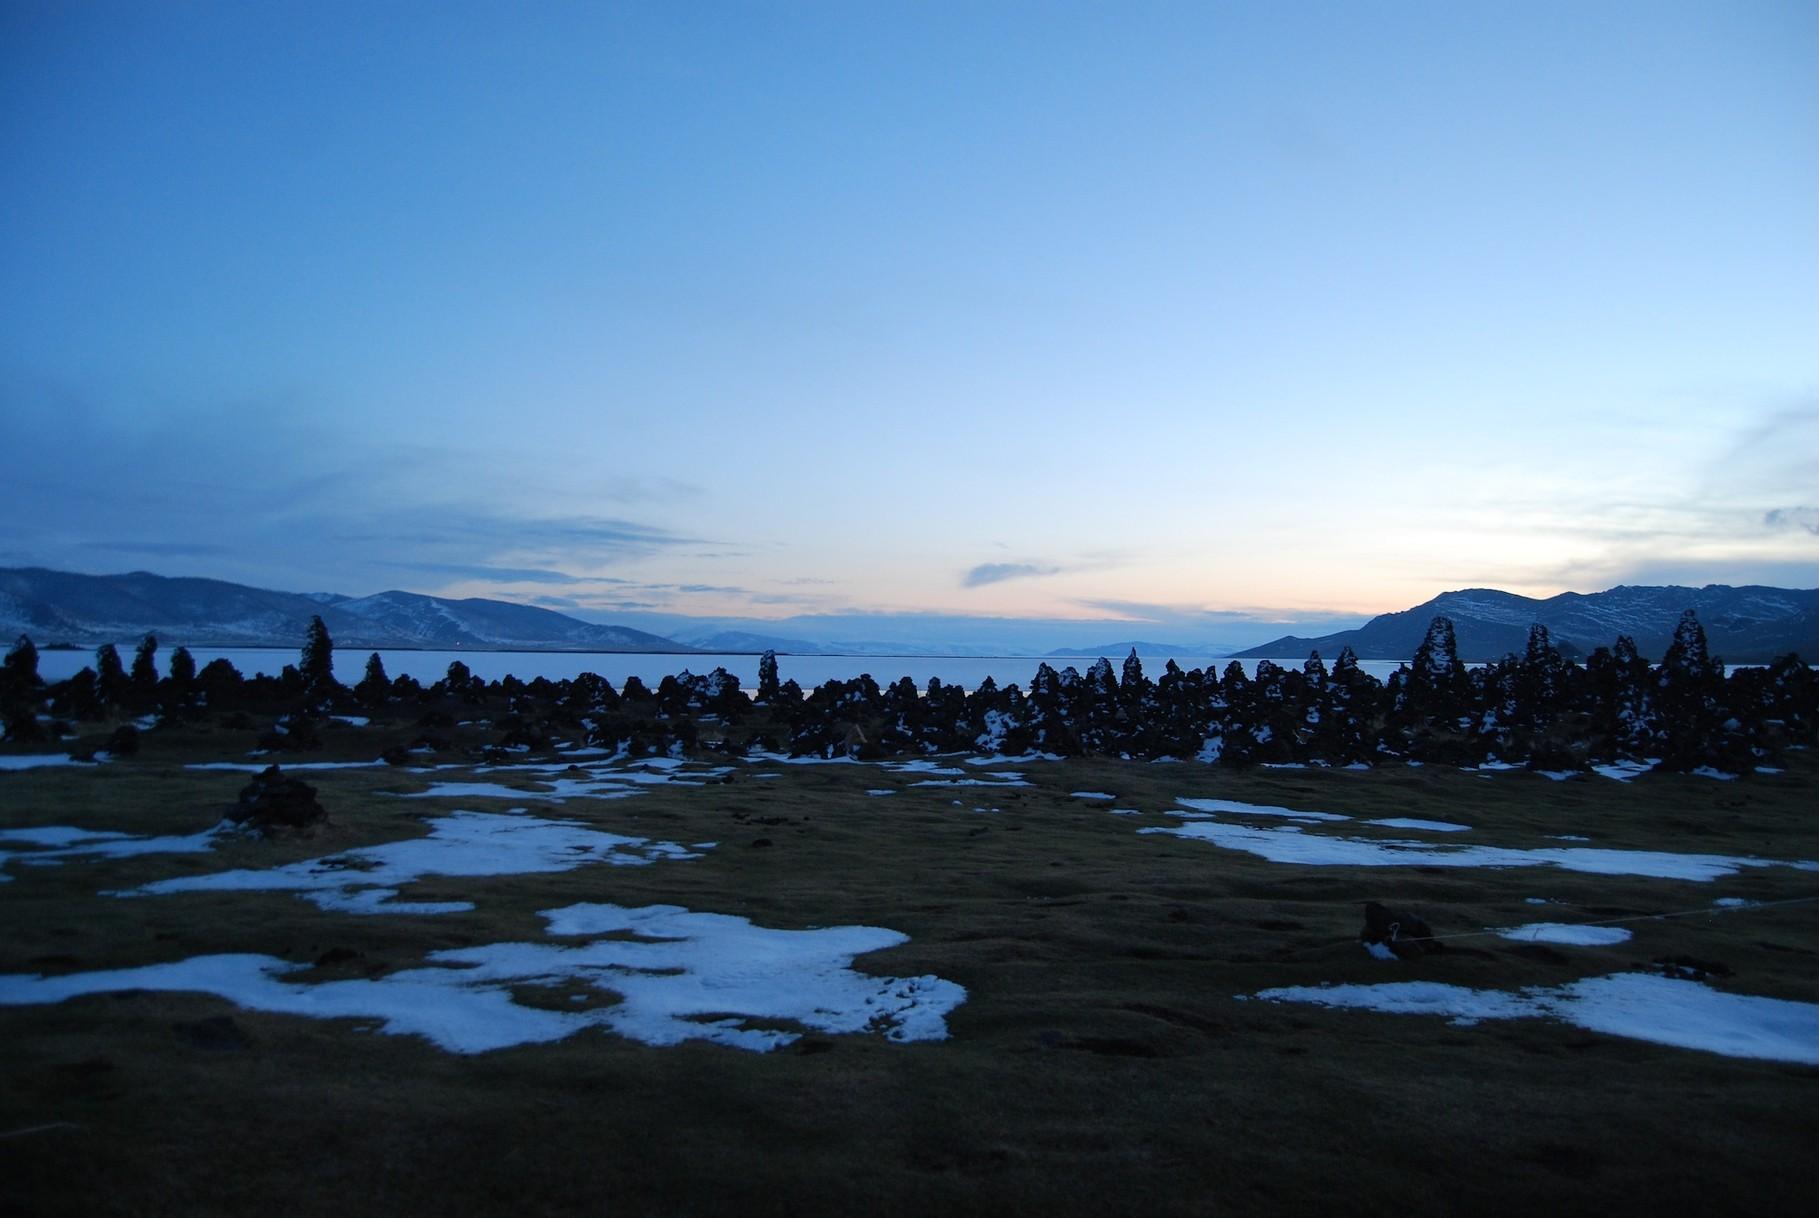 Sonnenuntergang am Weißen Seen